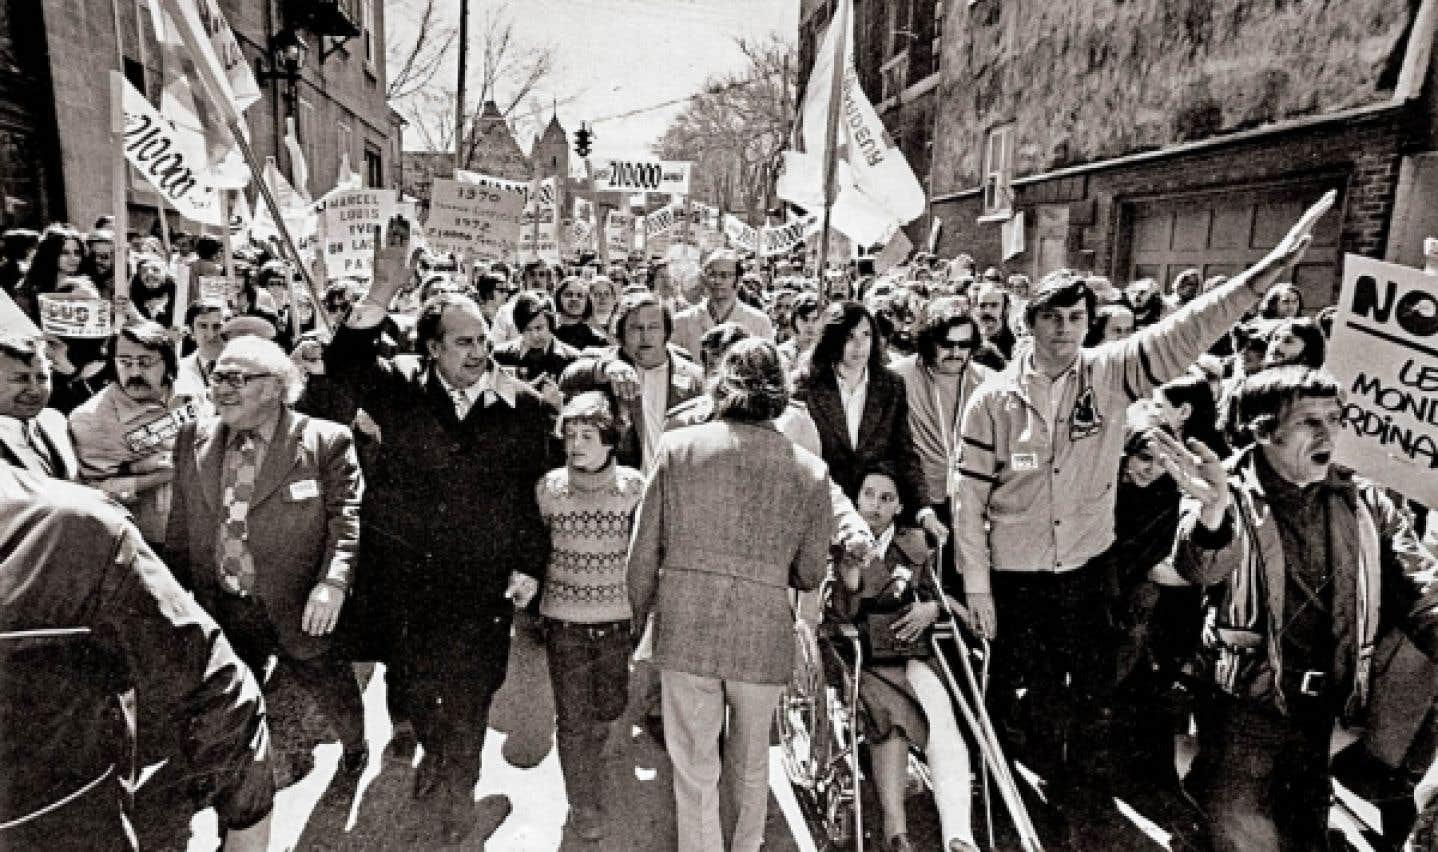 Un Québec syndical - 40 % des travailleurs étaient syndiqués à la fin des années 70